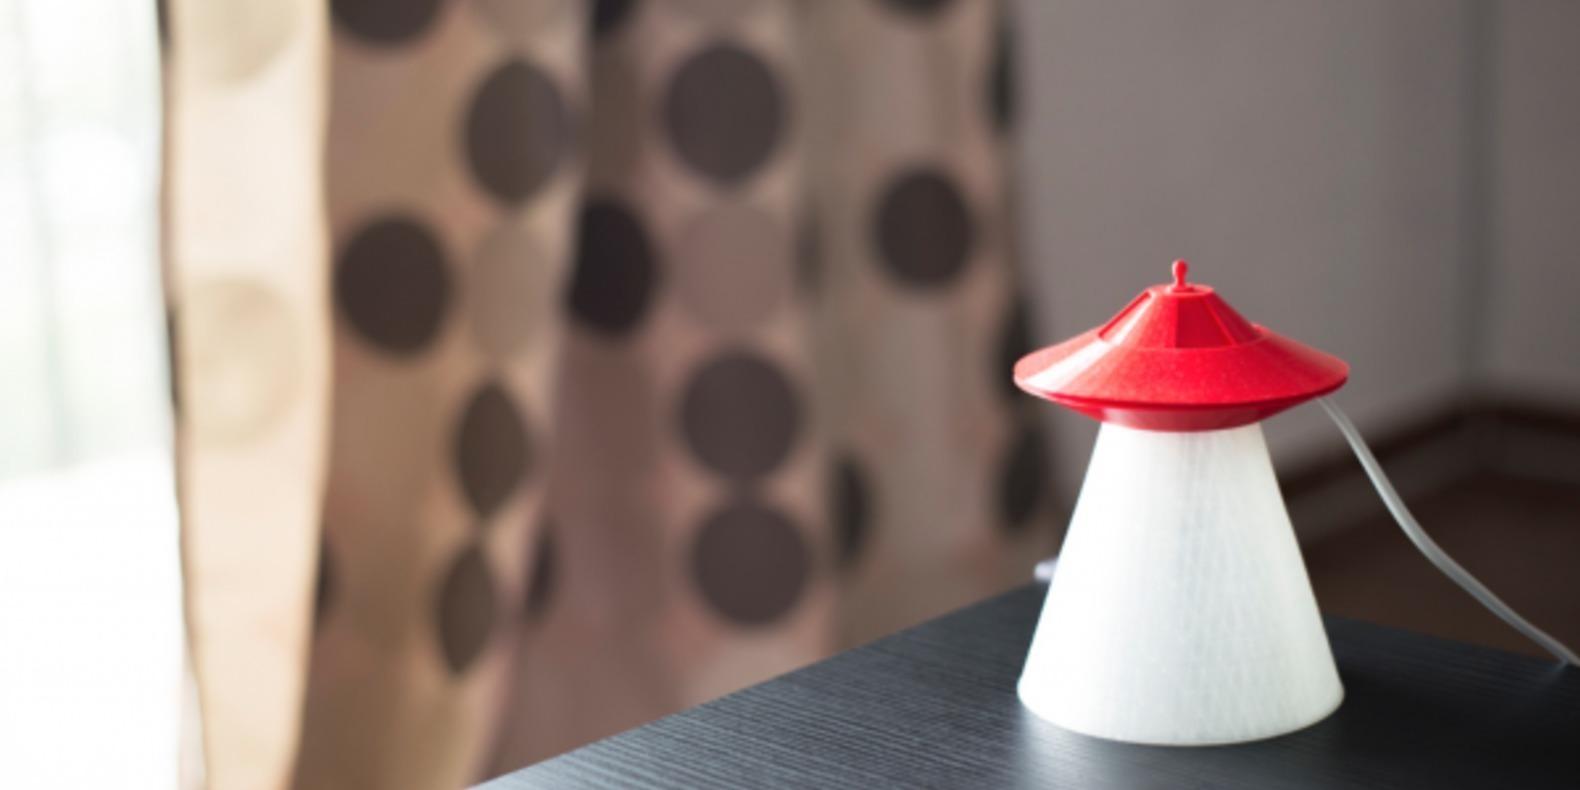 La lampe OVNI imprimée en 3D